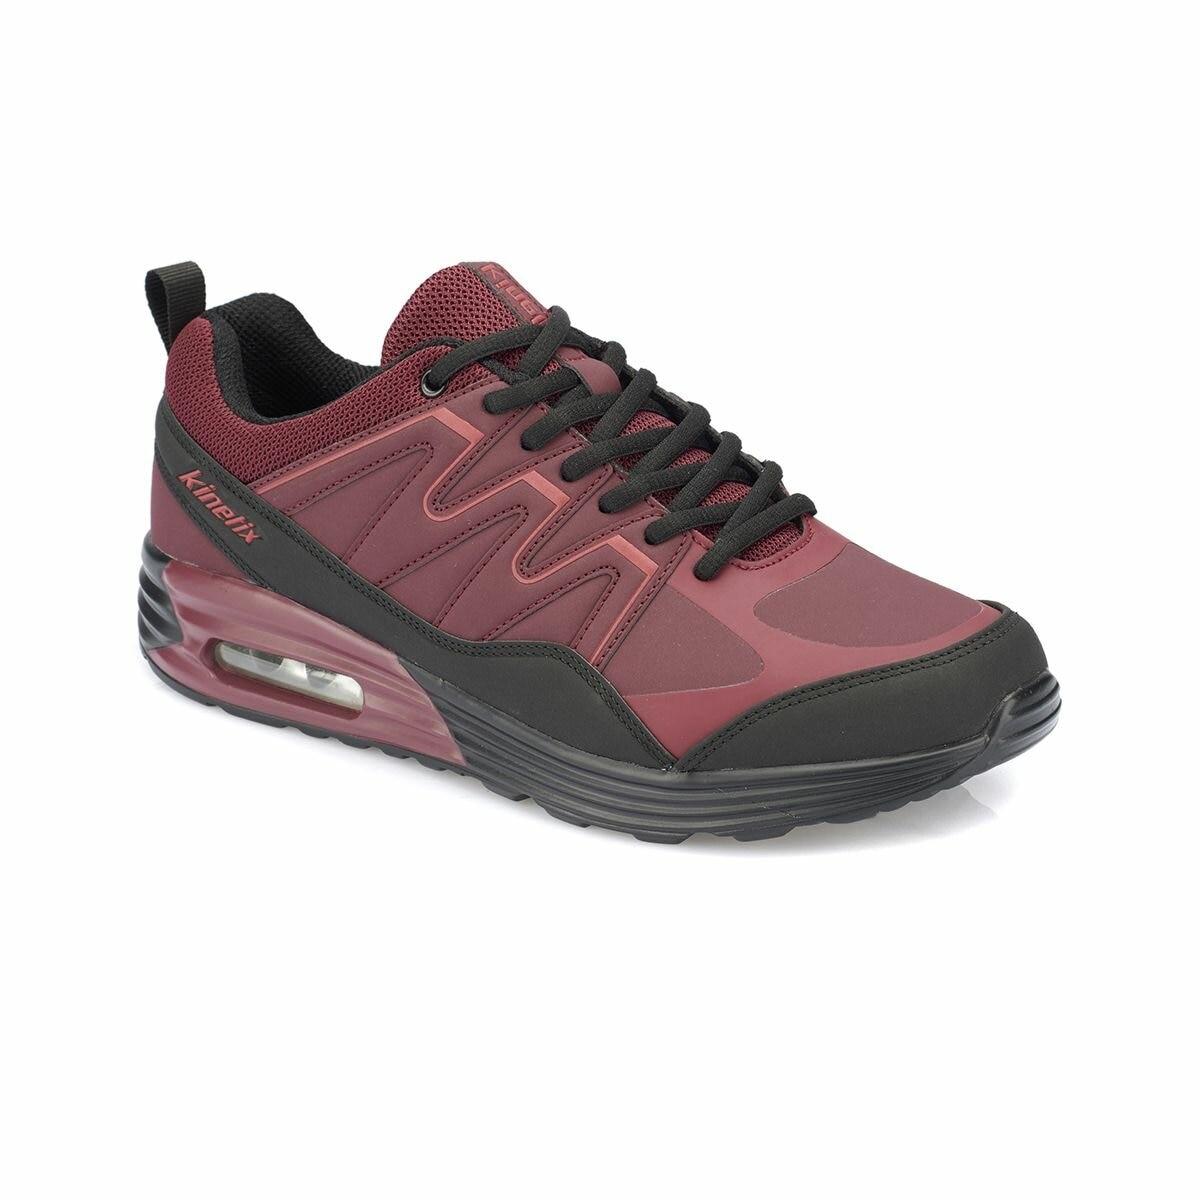 FLO ARBOR Burgundy Men 'S Sneaker Shoes KINETIX